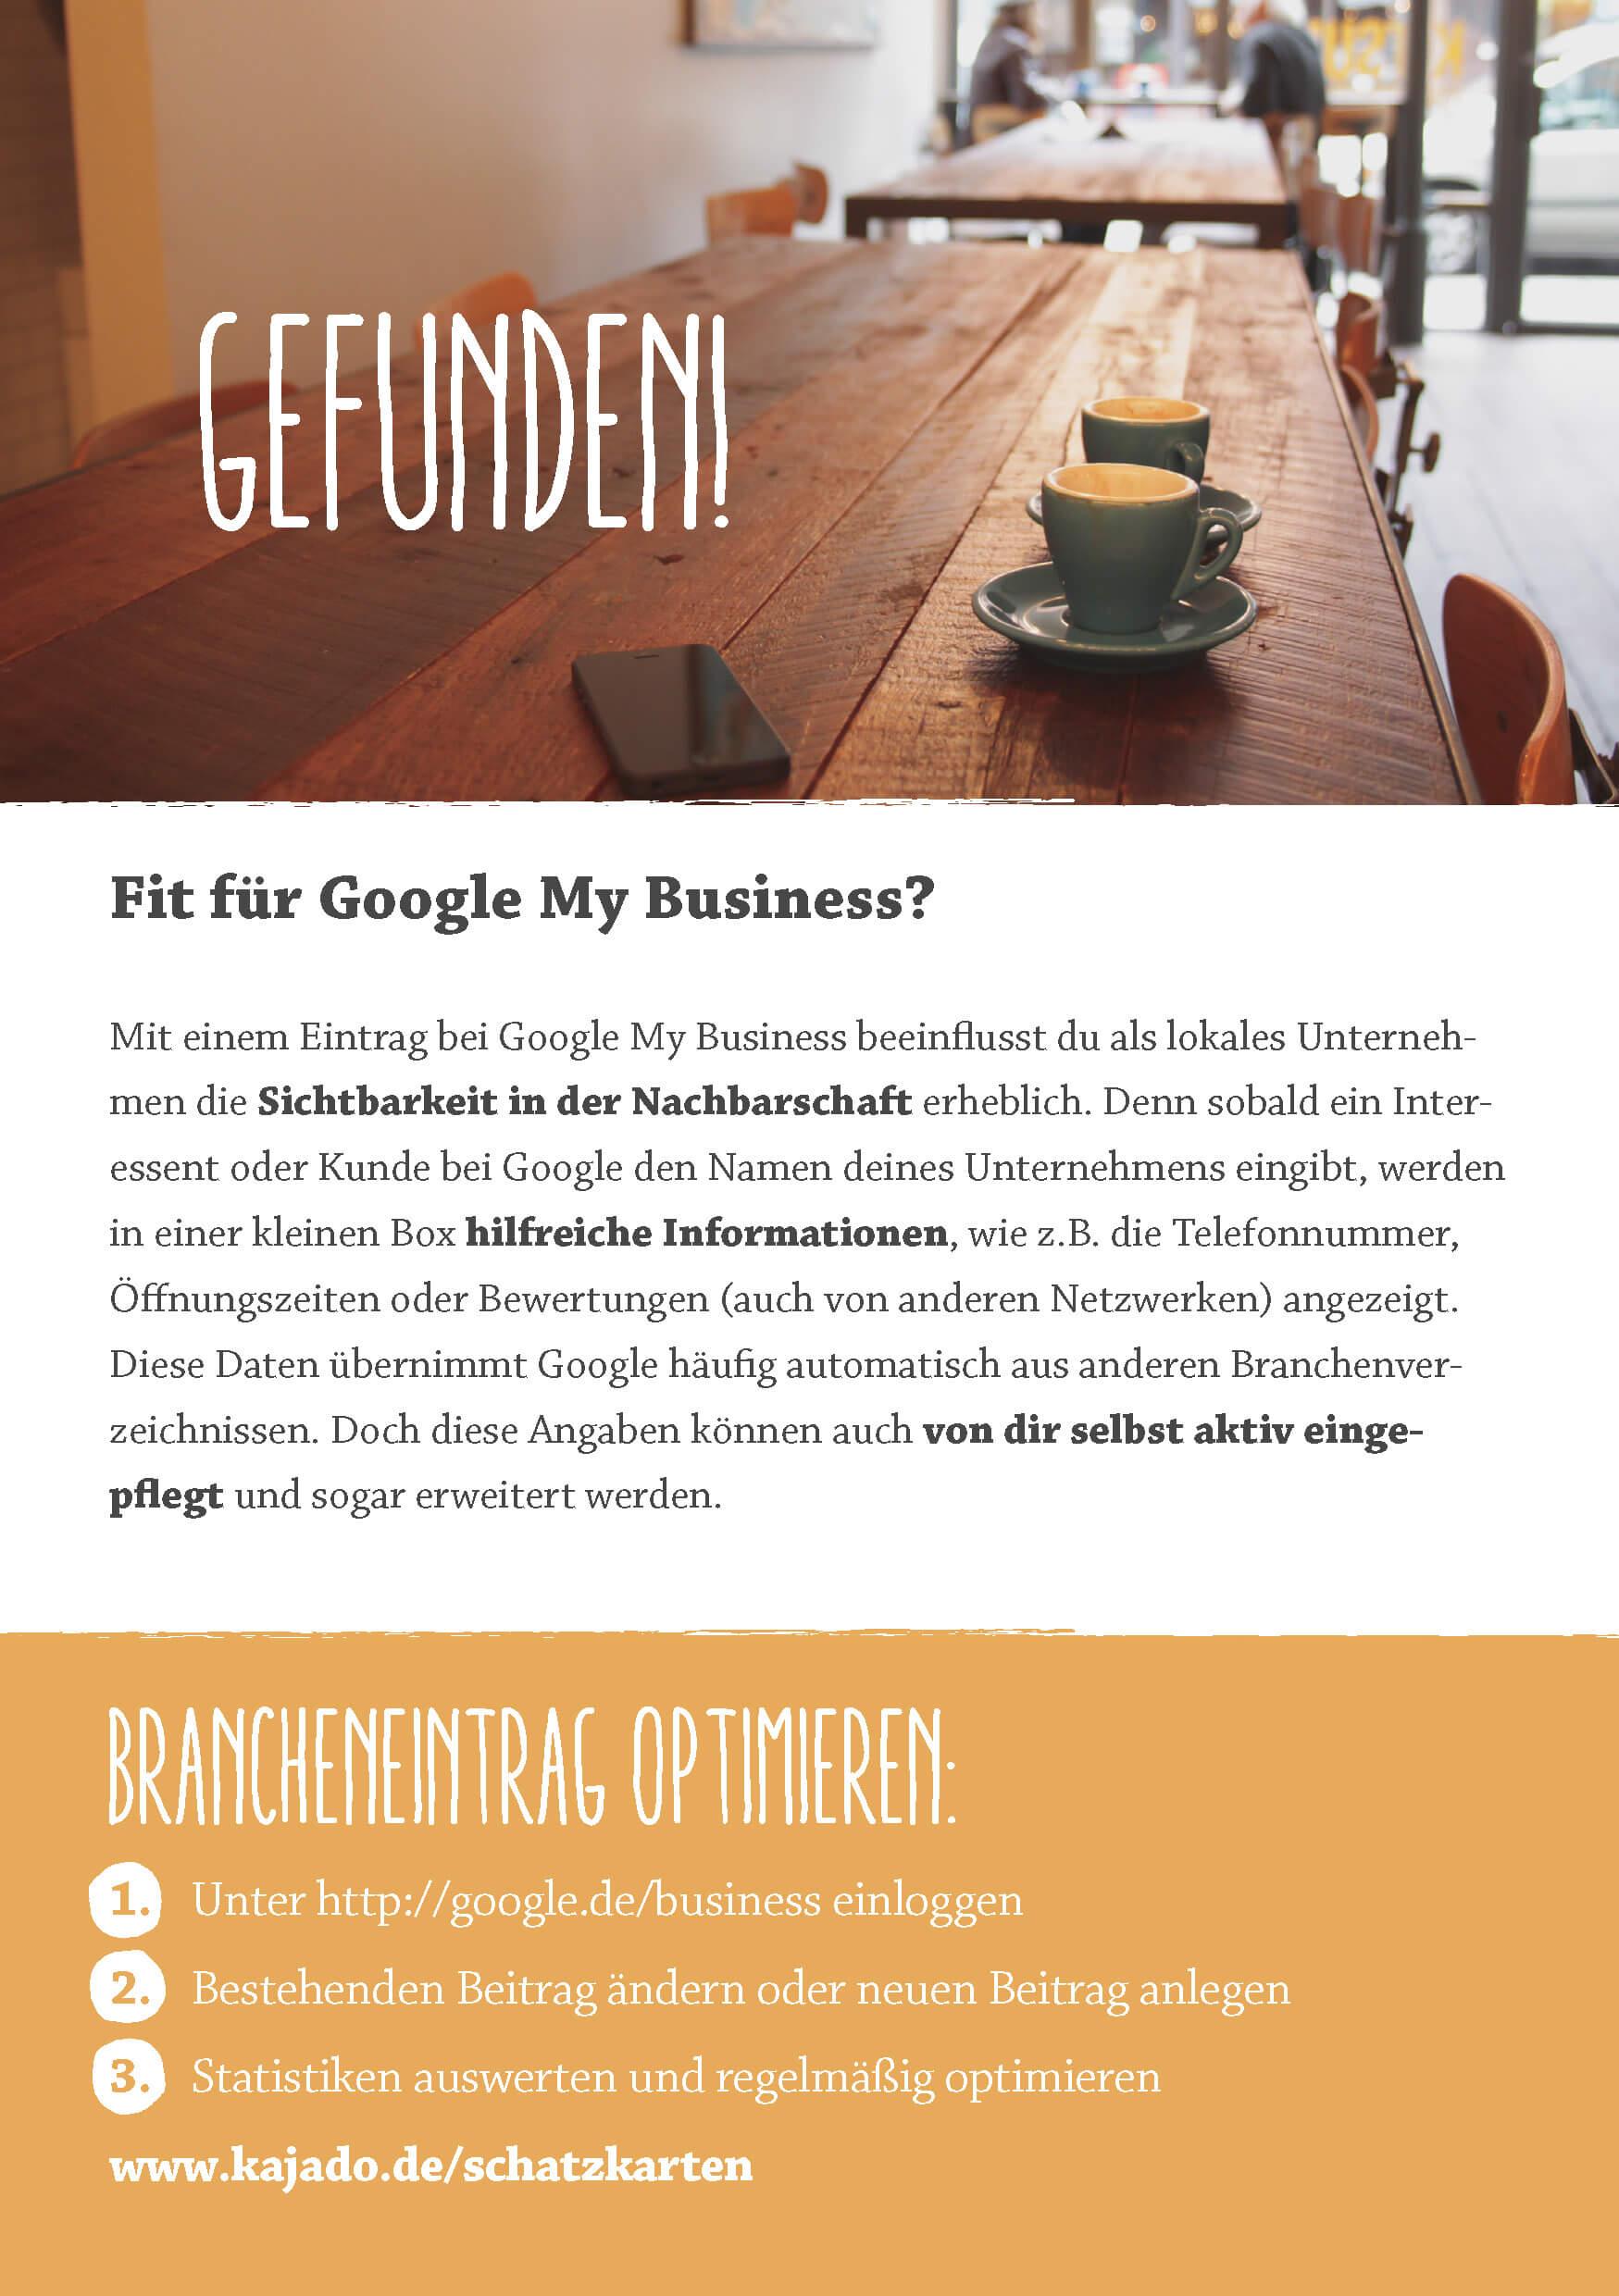 Schatzkarte Google My Business